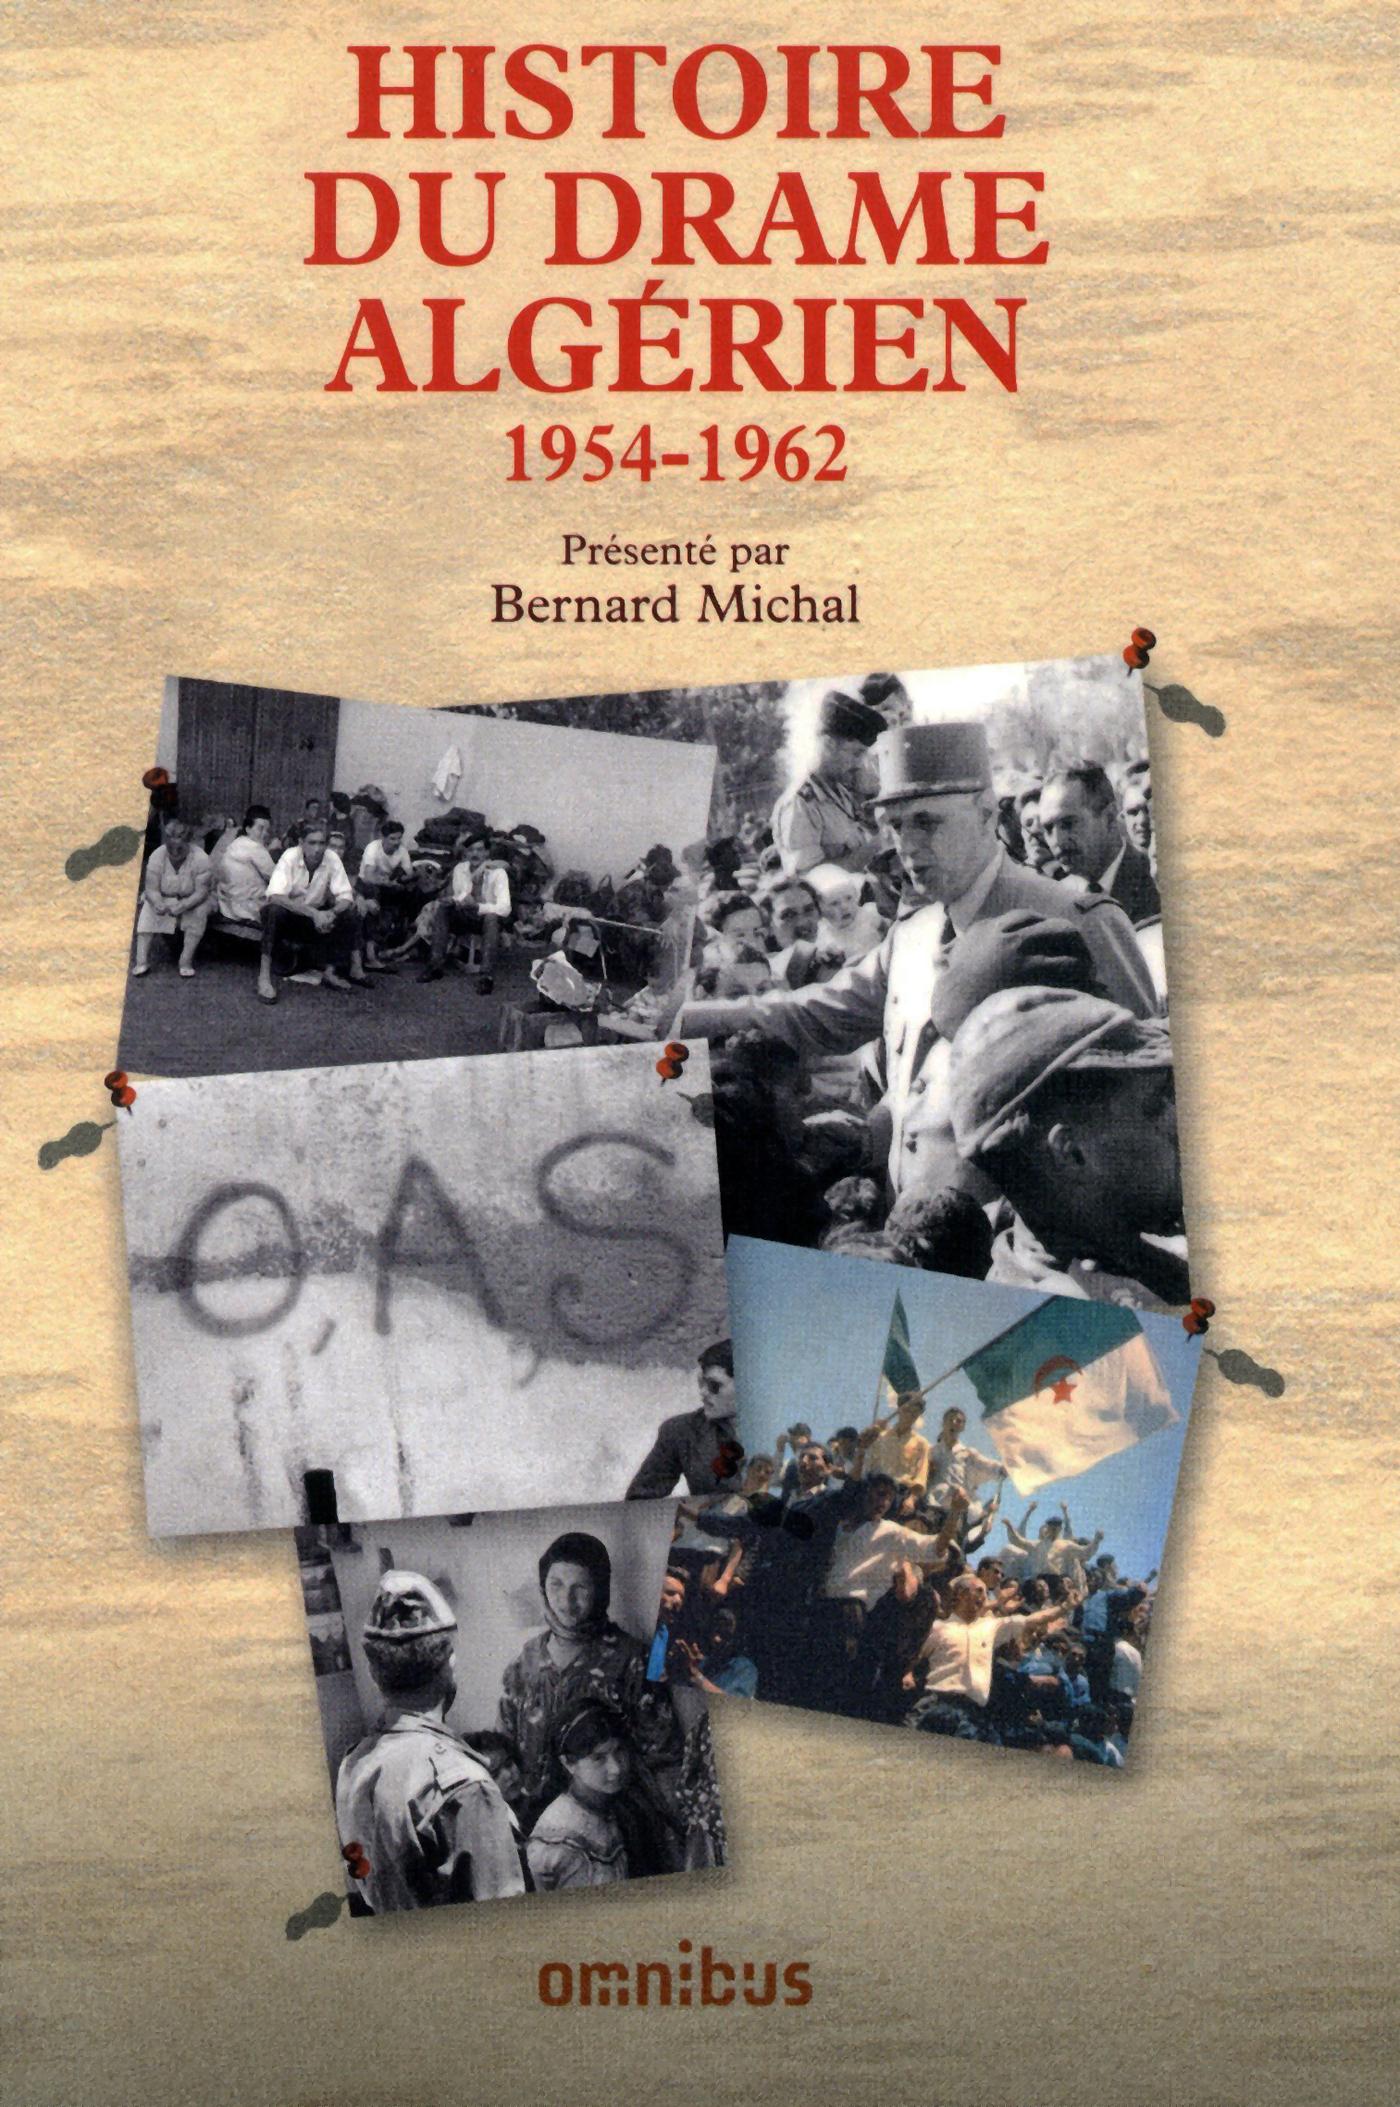 Histoire du drame algérien 1954-1962